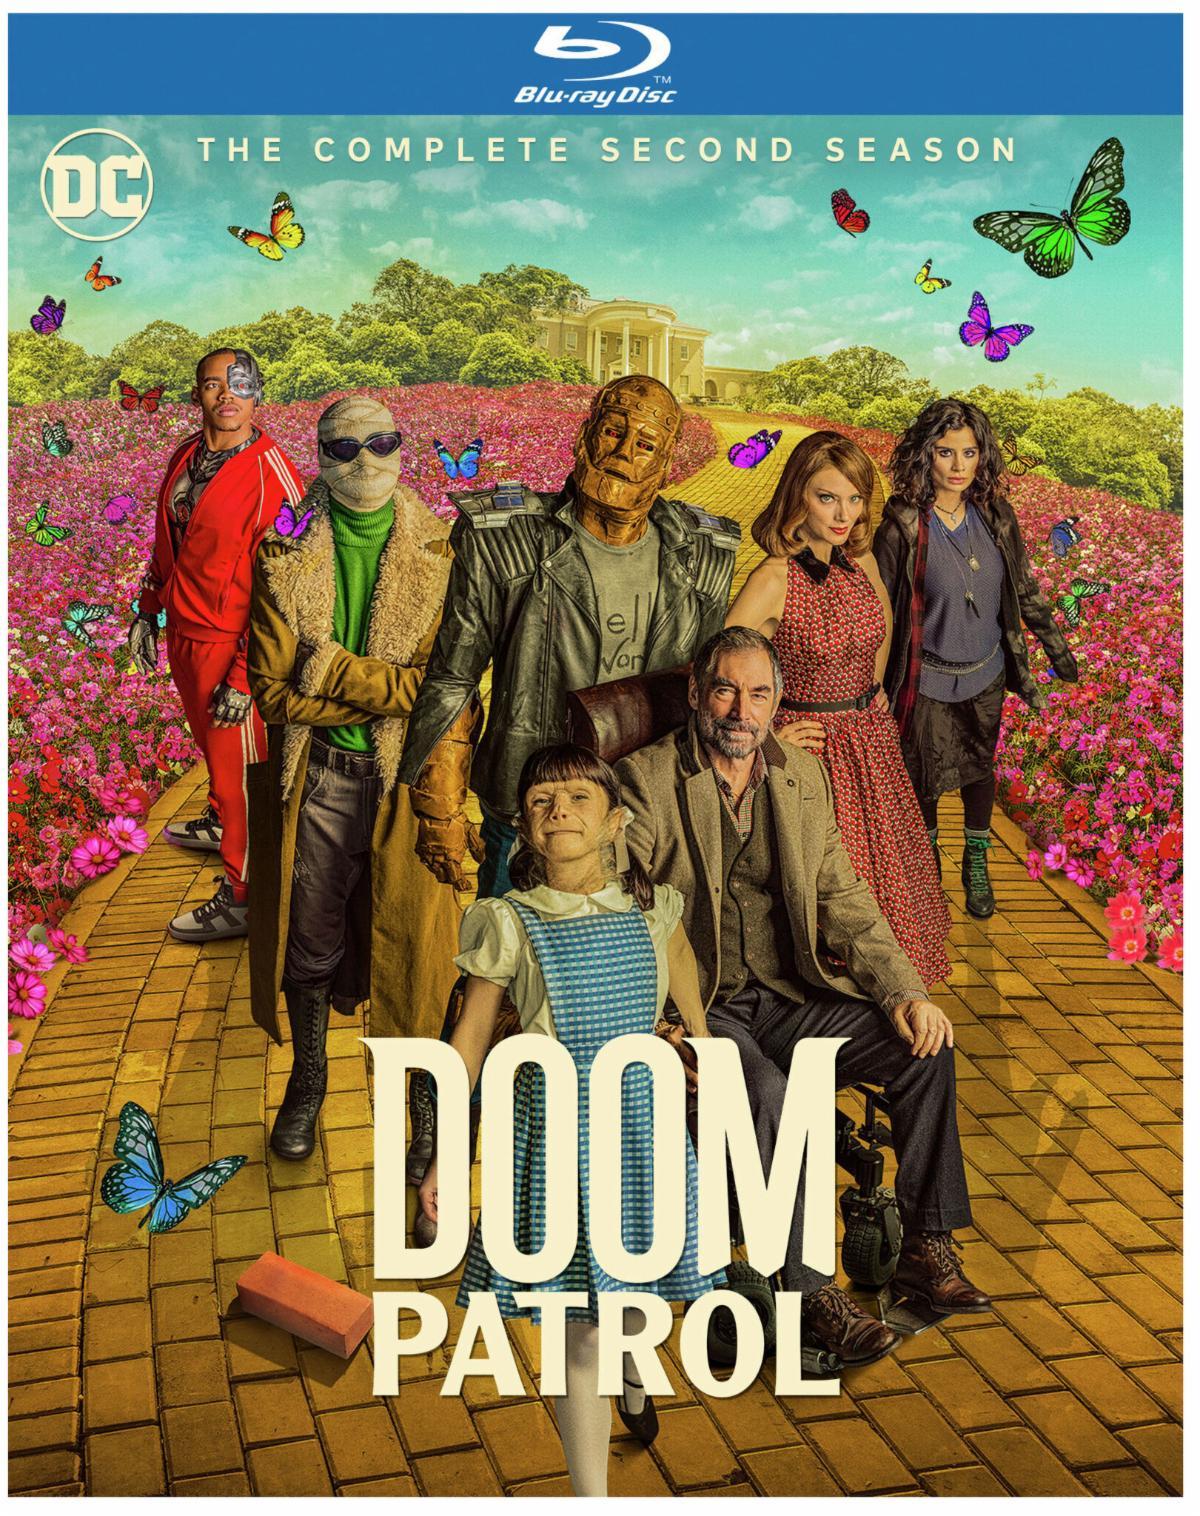 Doom Patrol Season Two Blu-ray Review